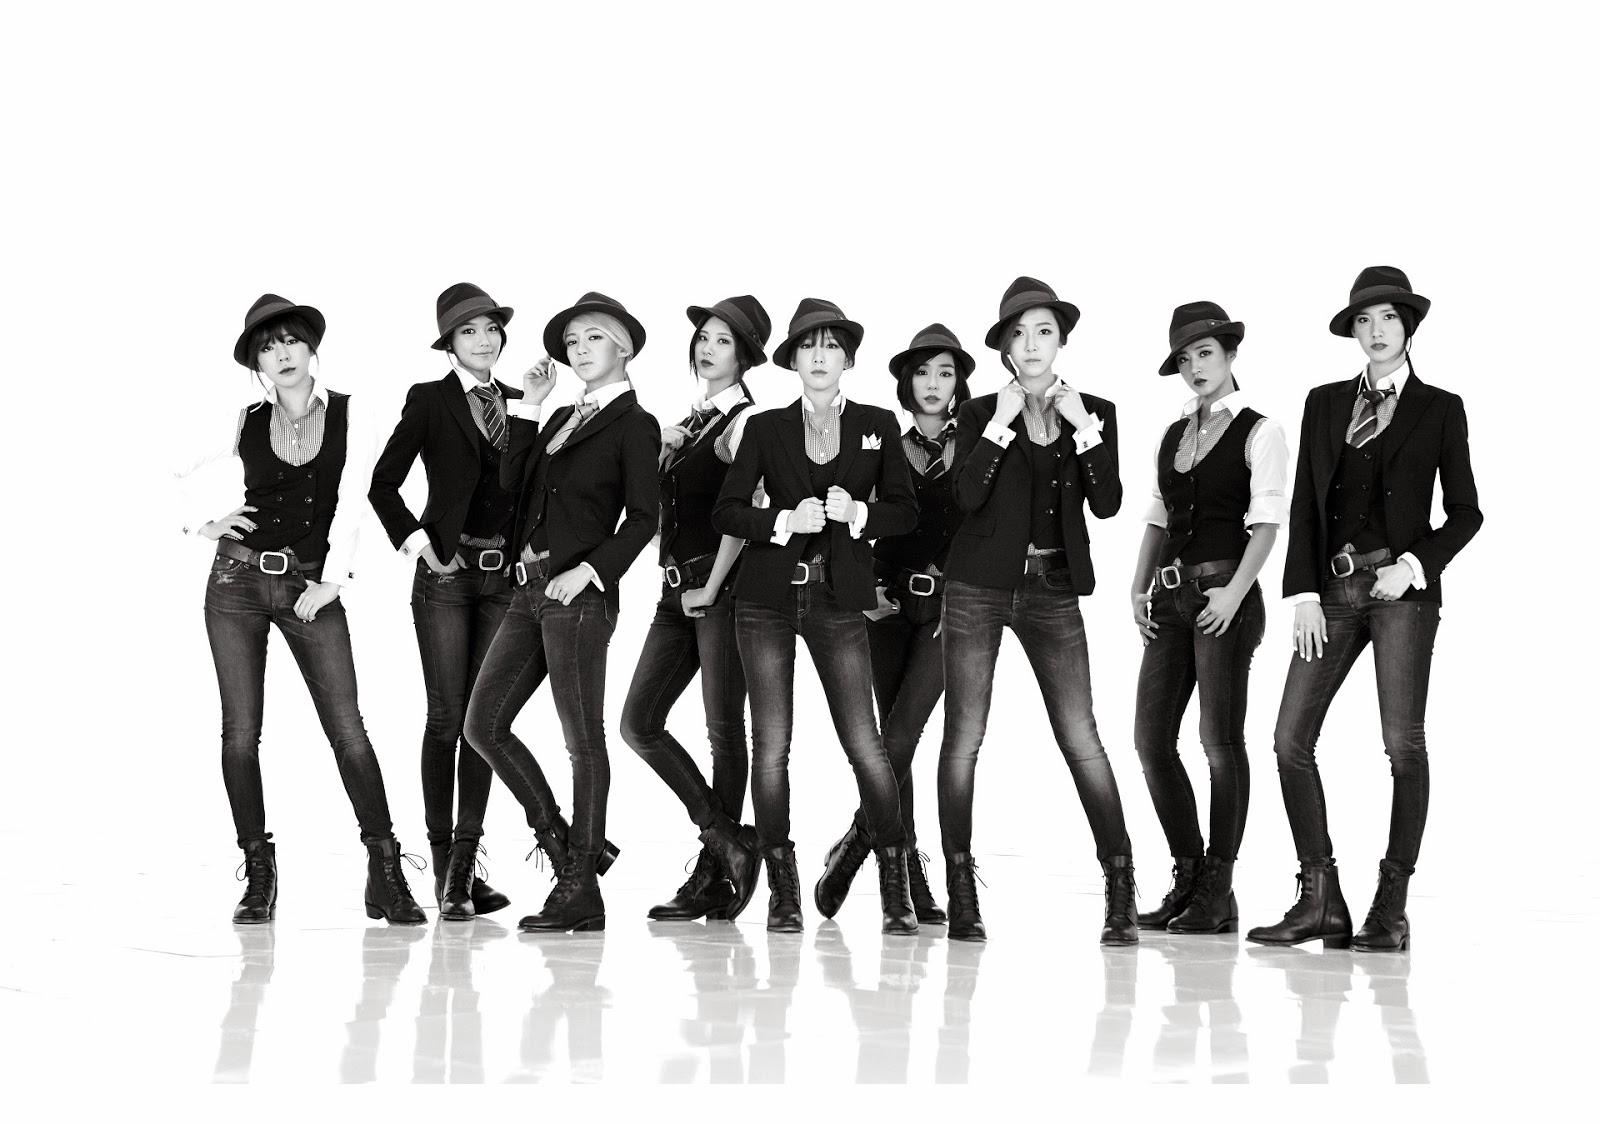 Yuri snsd black suit cum tribute